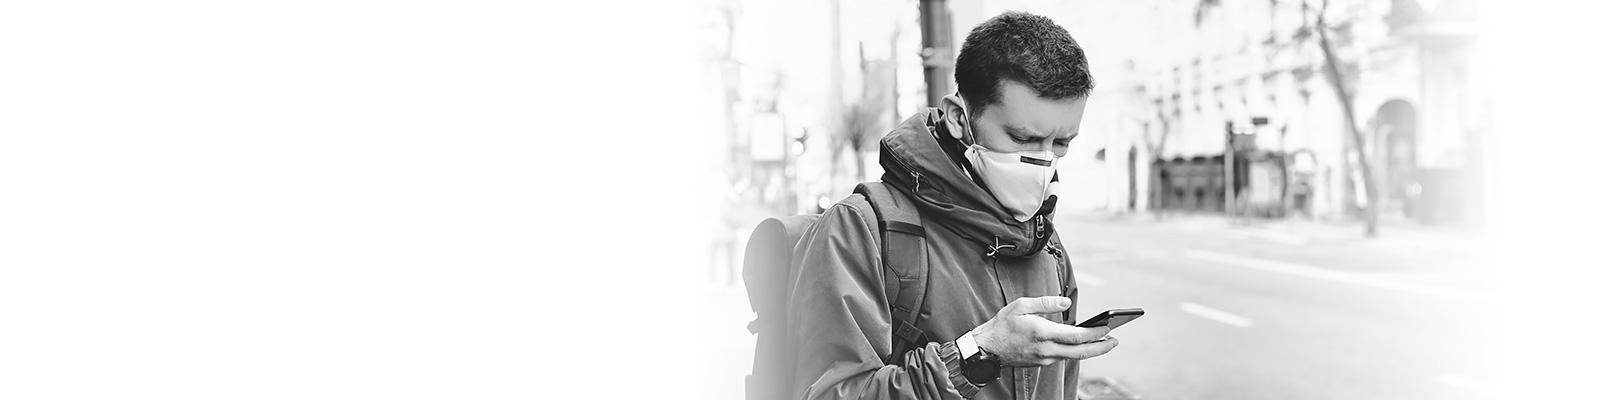 コロナ マスク スマートフォン イメージ